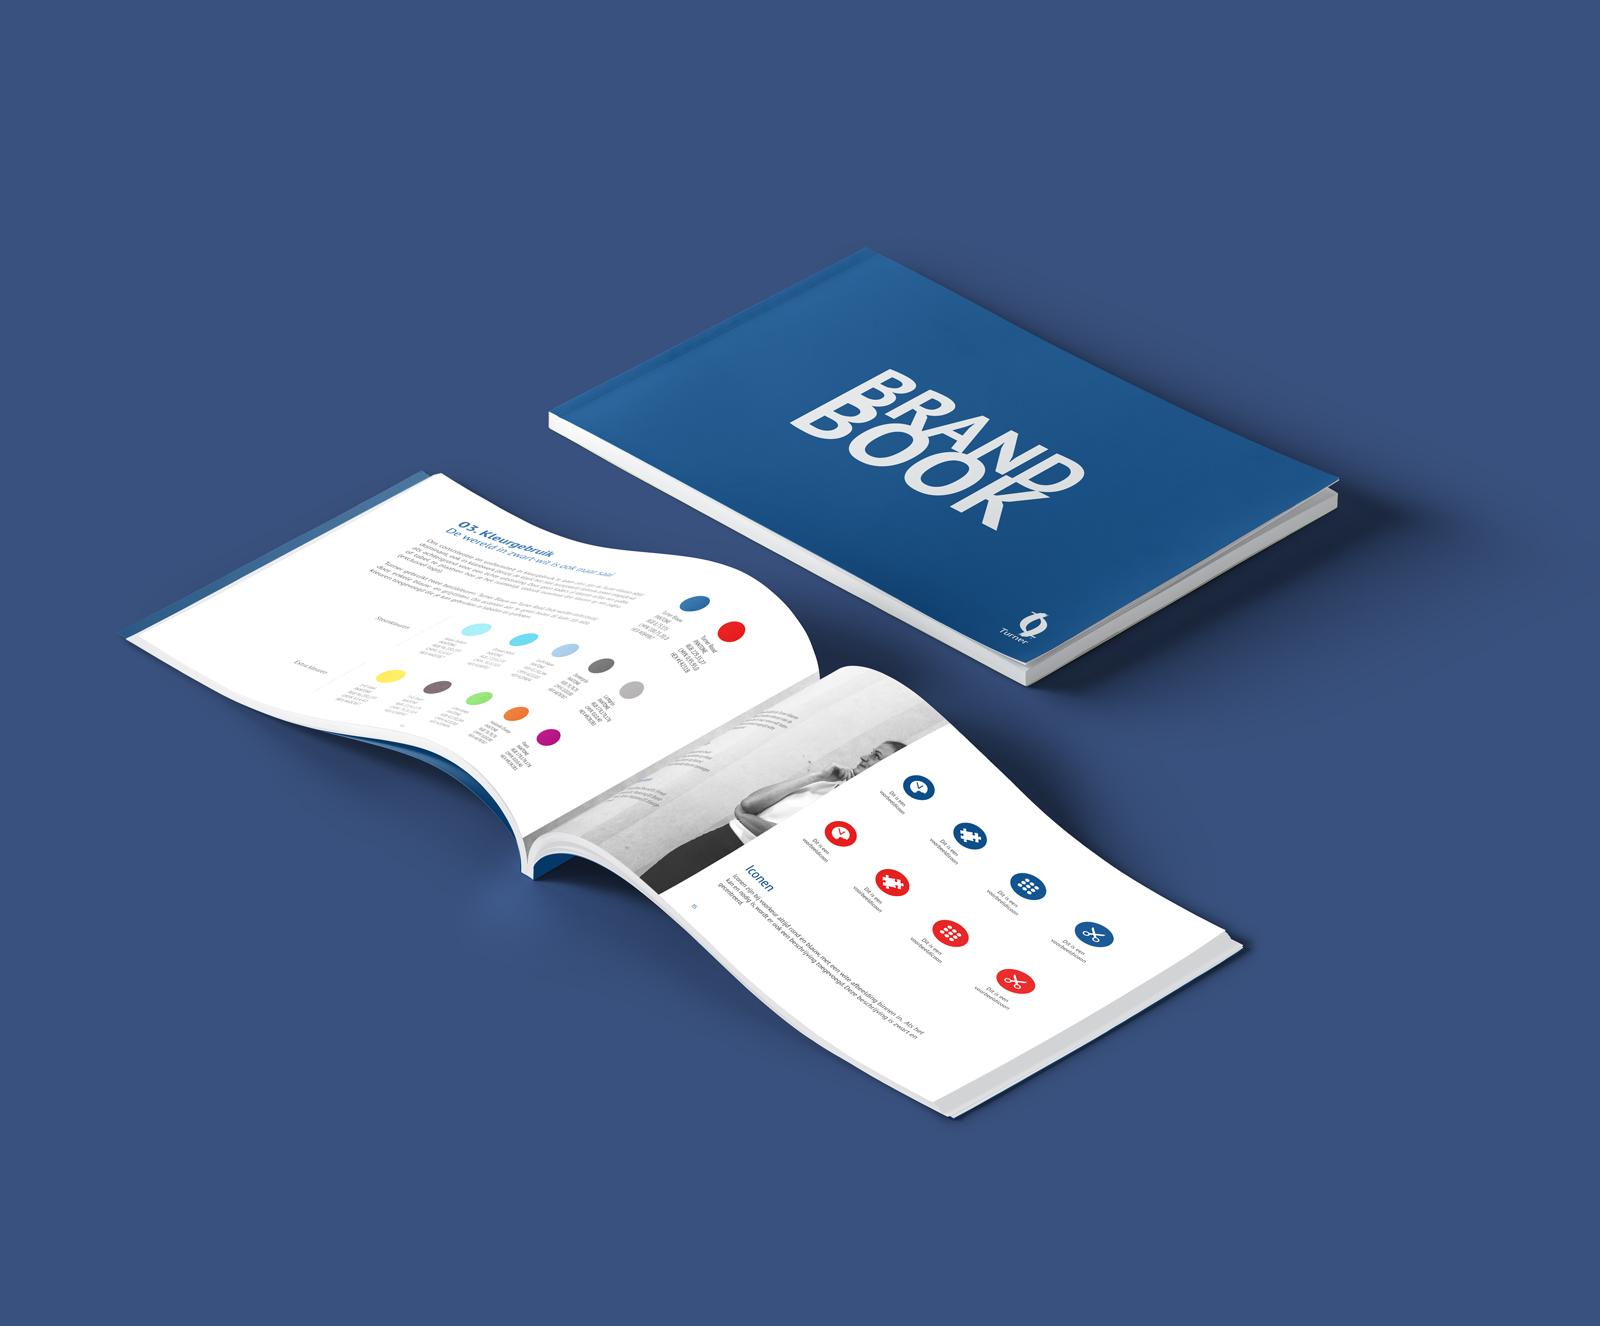 Beeldmarq - Grafische vormgeving & communicatie | Expertises | Brand boek